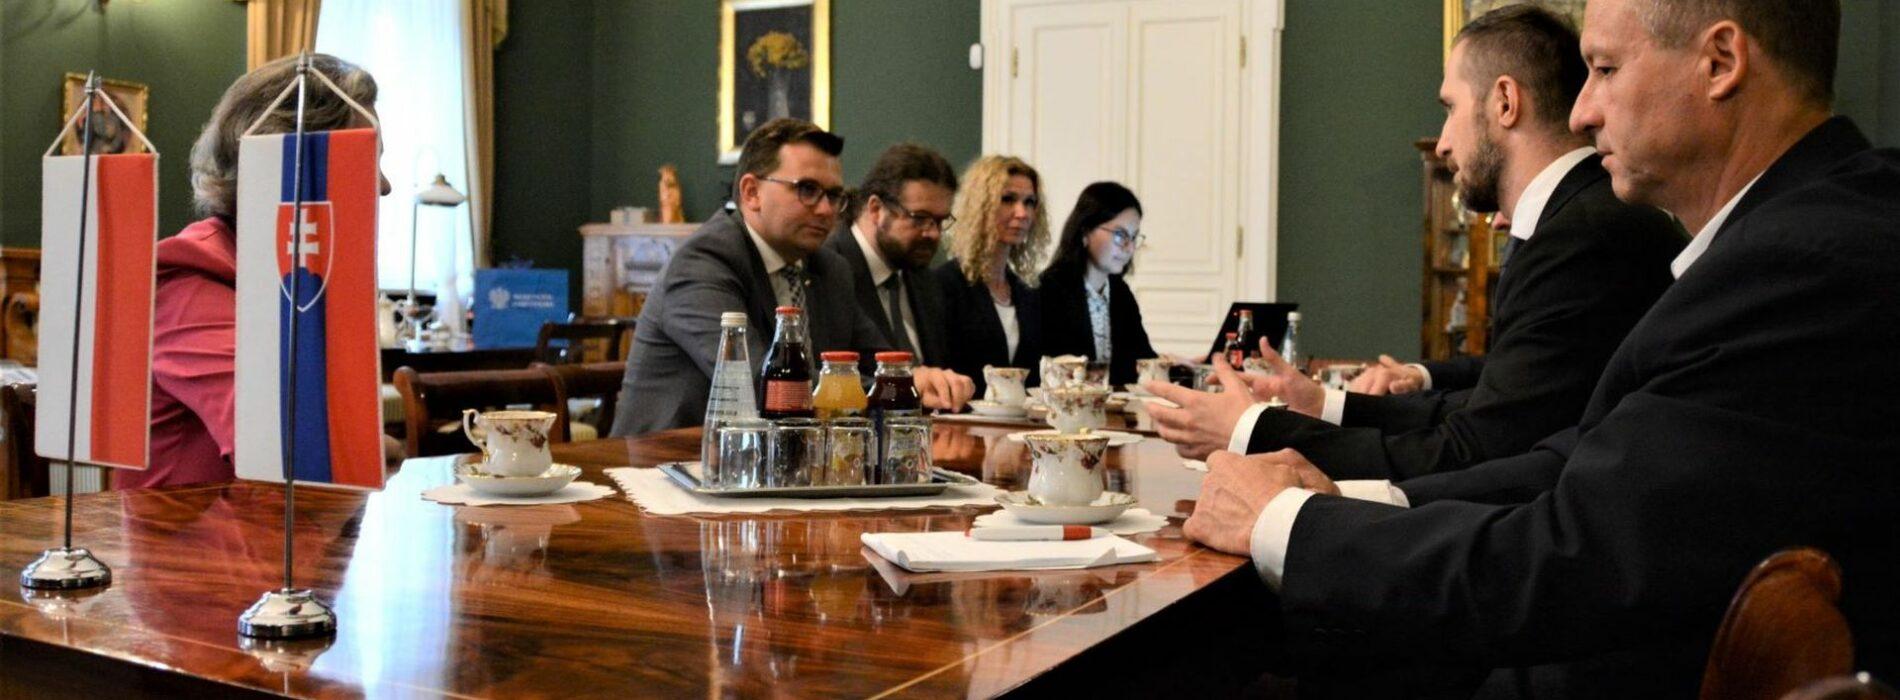 Wizyta dyplomatów ze Słowacji